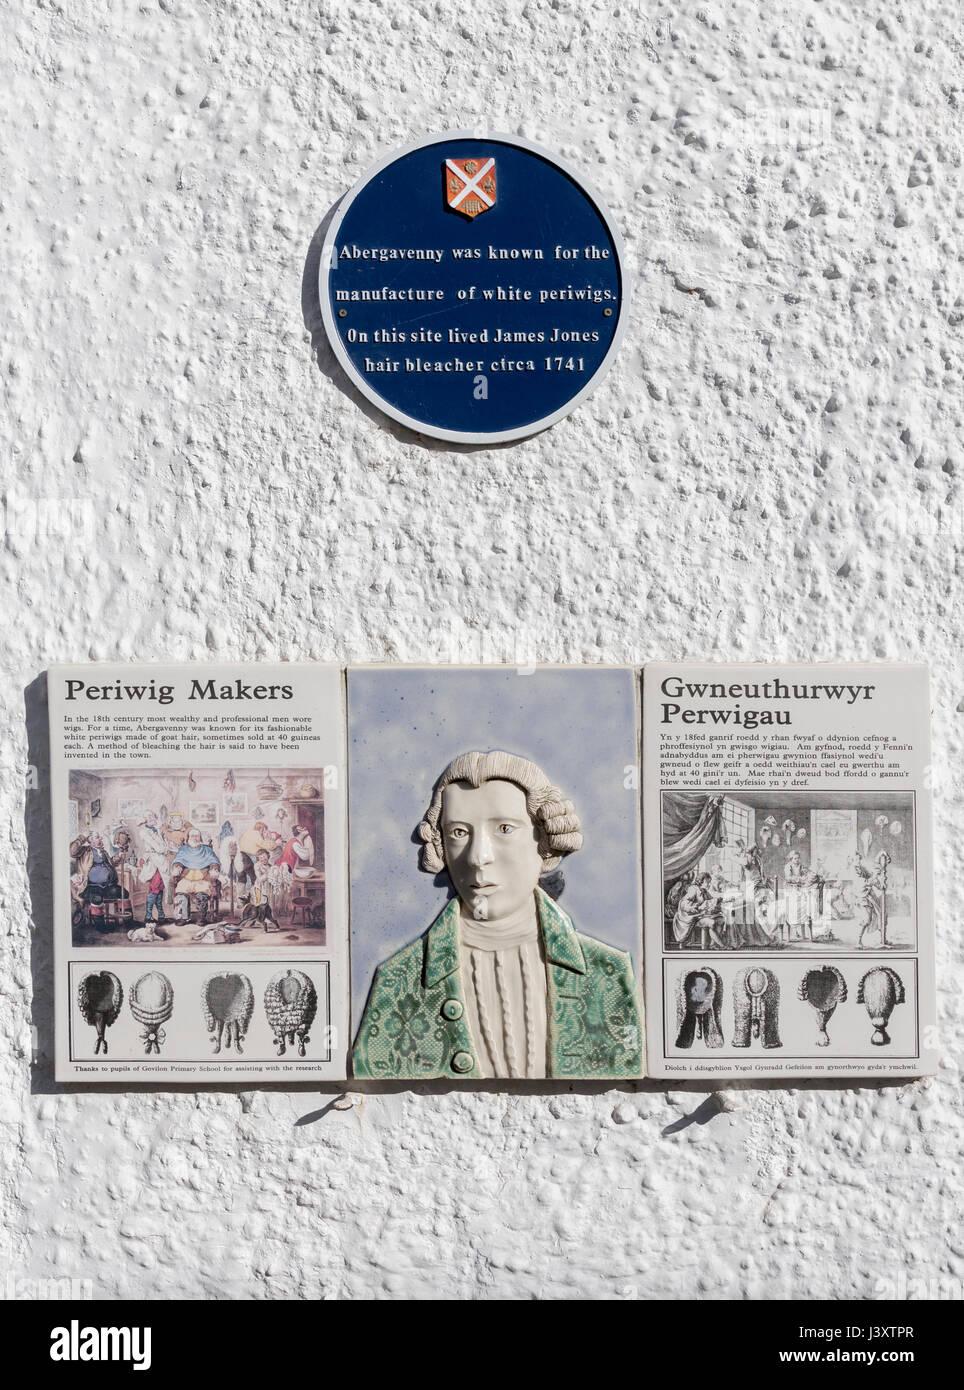 Placa y firmar sobre fabricación periwig, Abergavenny, Wales, REINO UNIDO Imagen De Stock